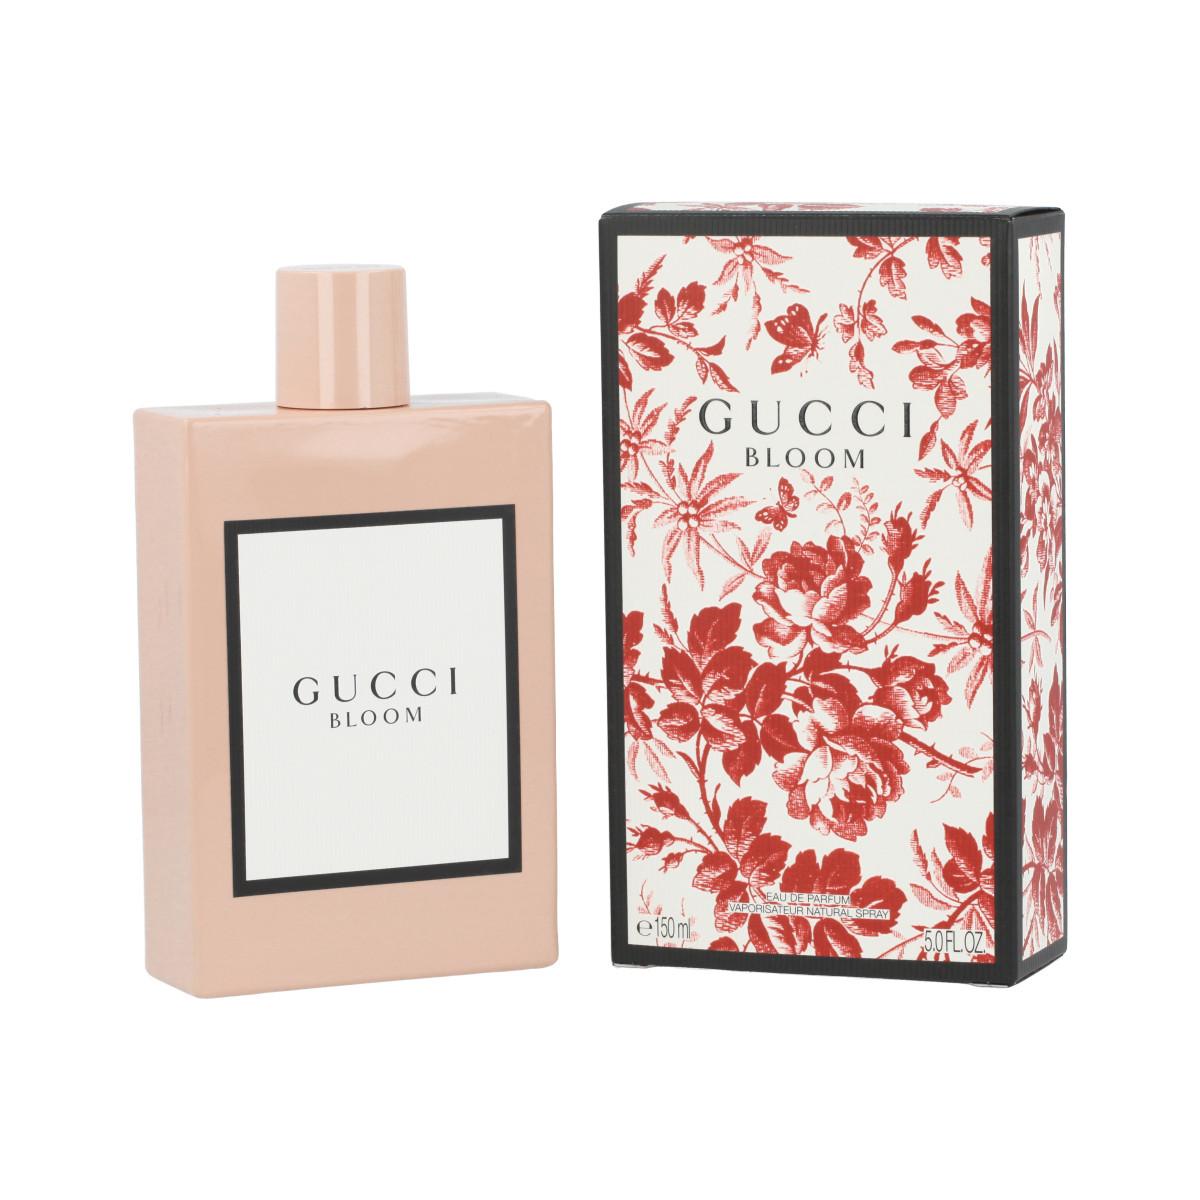 547f0aab5 Gucci Bloom EDP 150 ml W - Bloom - Gucci - Značky - profi-parfemy.cz